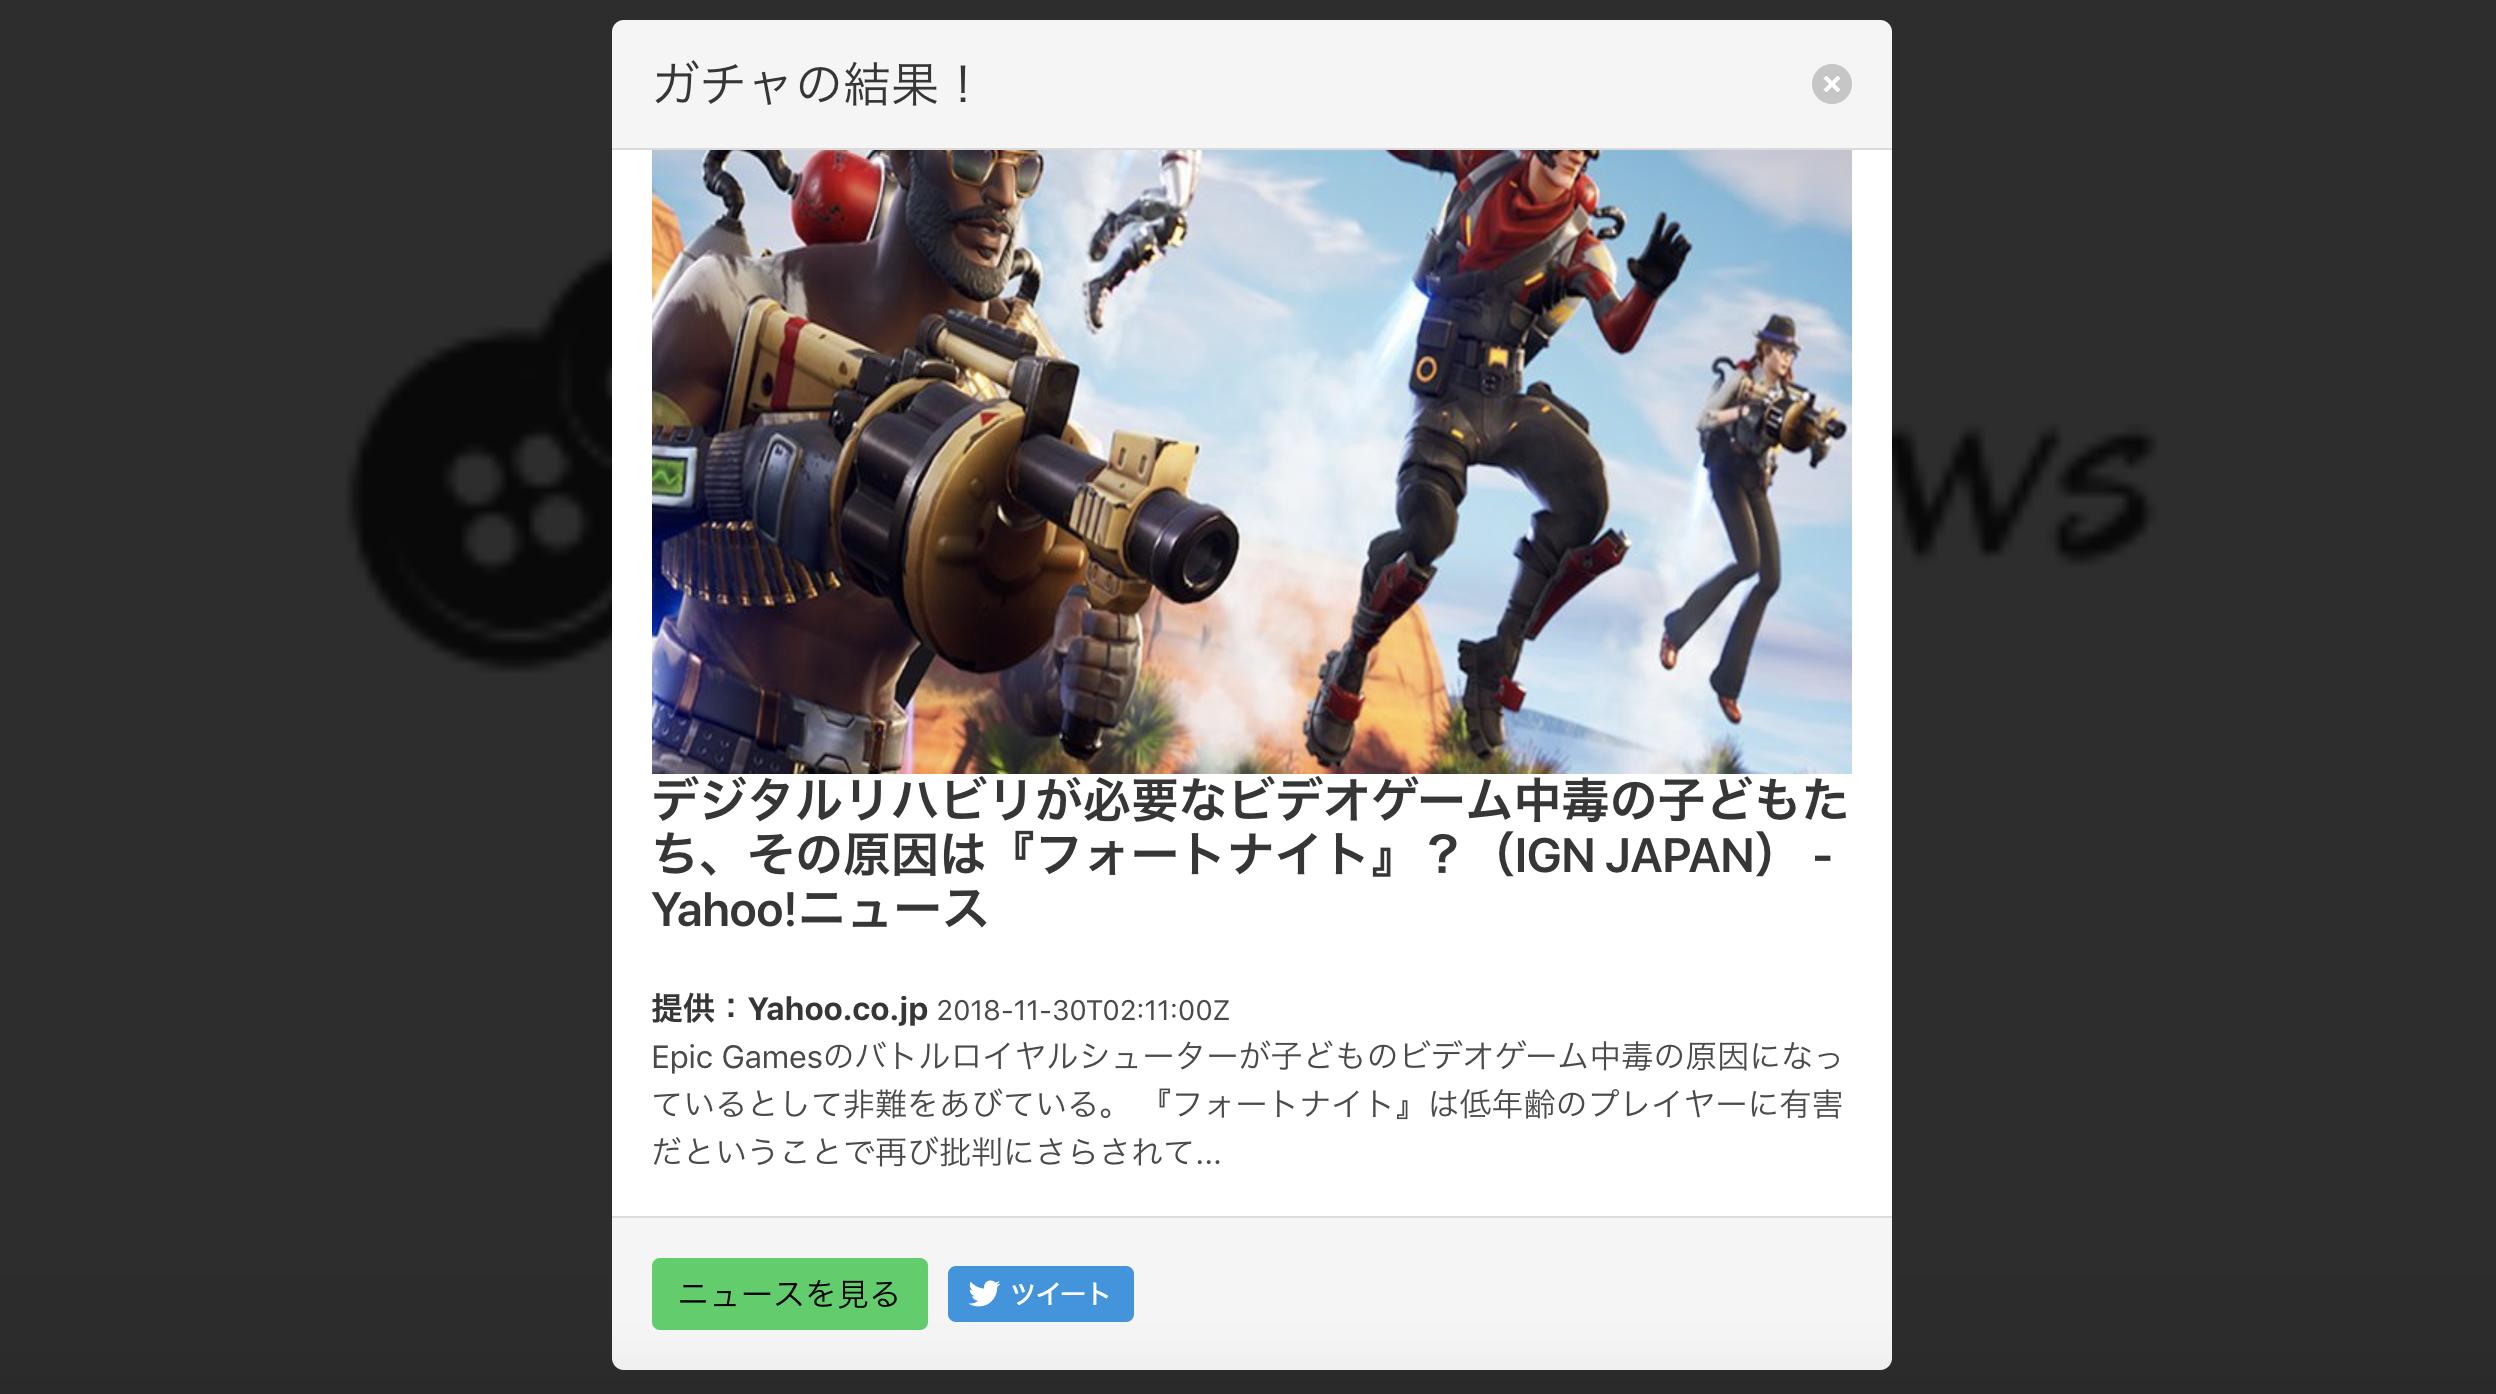 スクリーンショット 2018-11-30 18.32.57.png